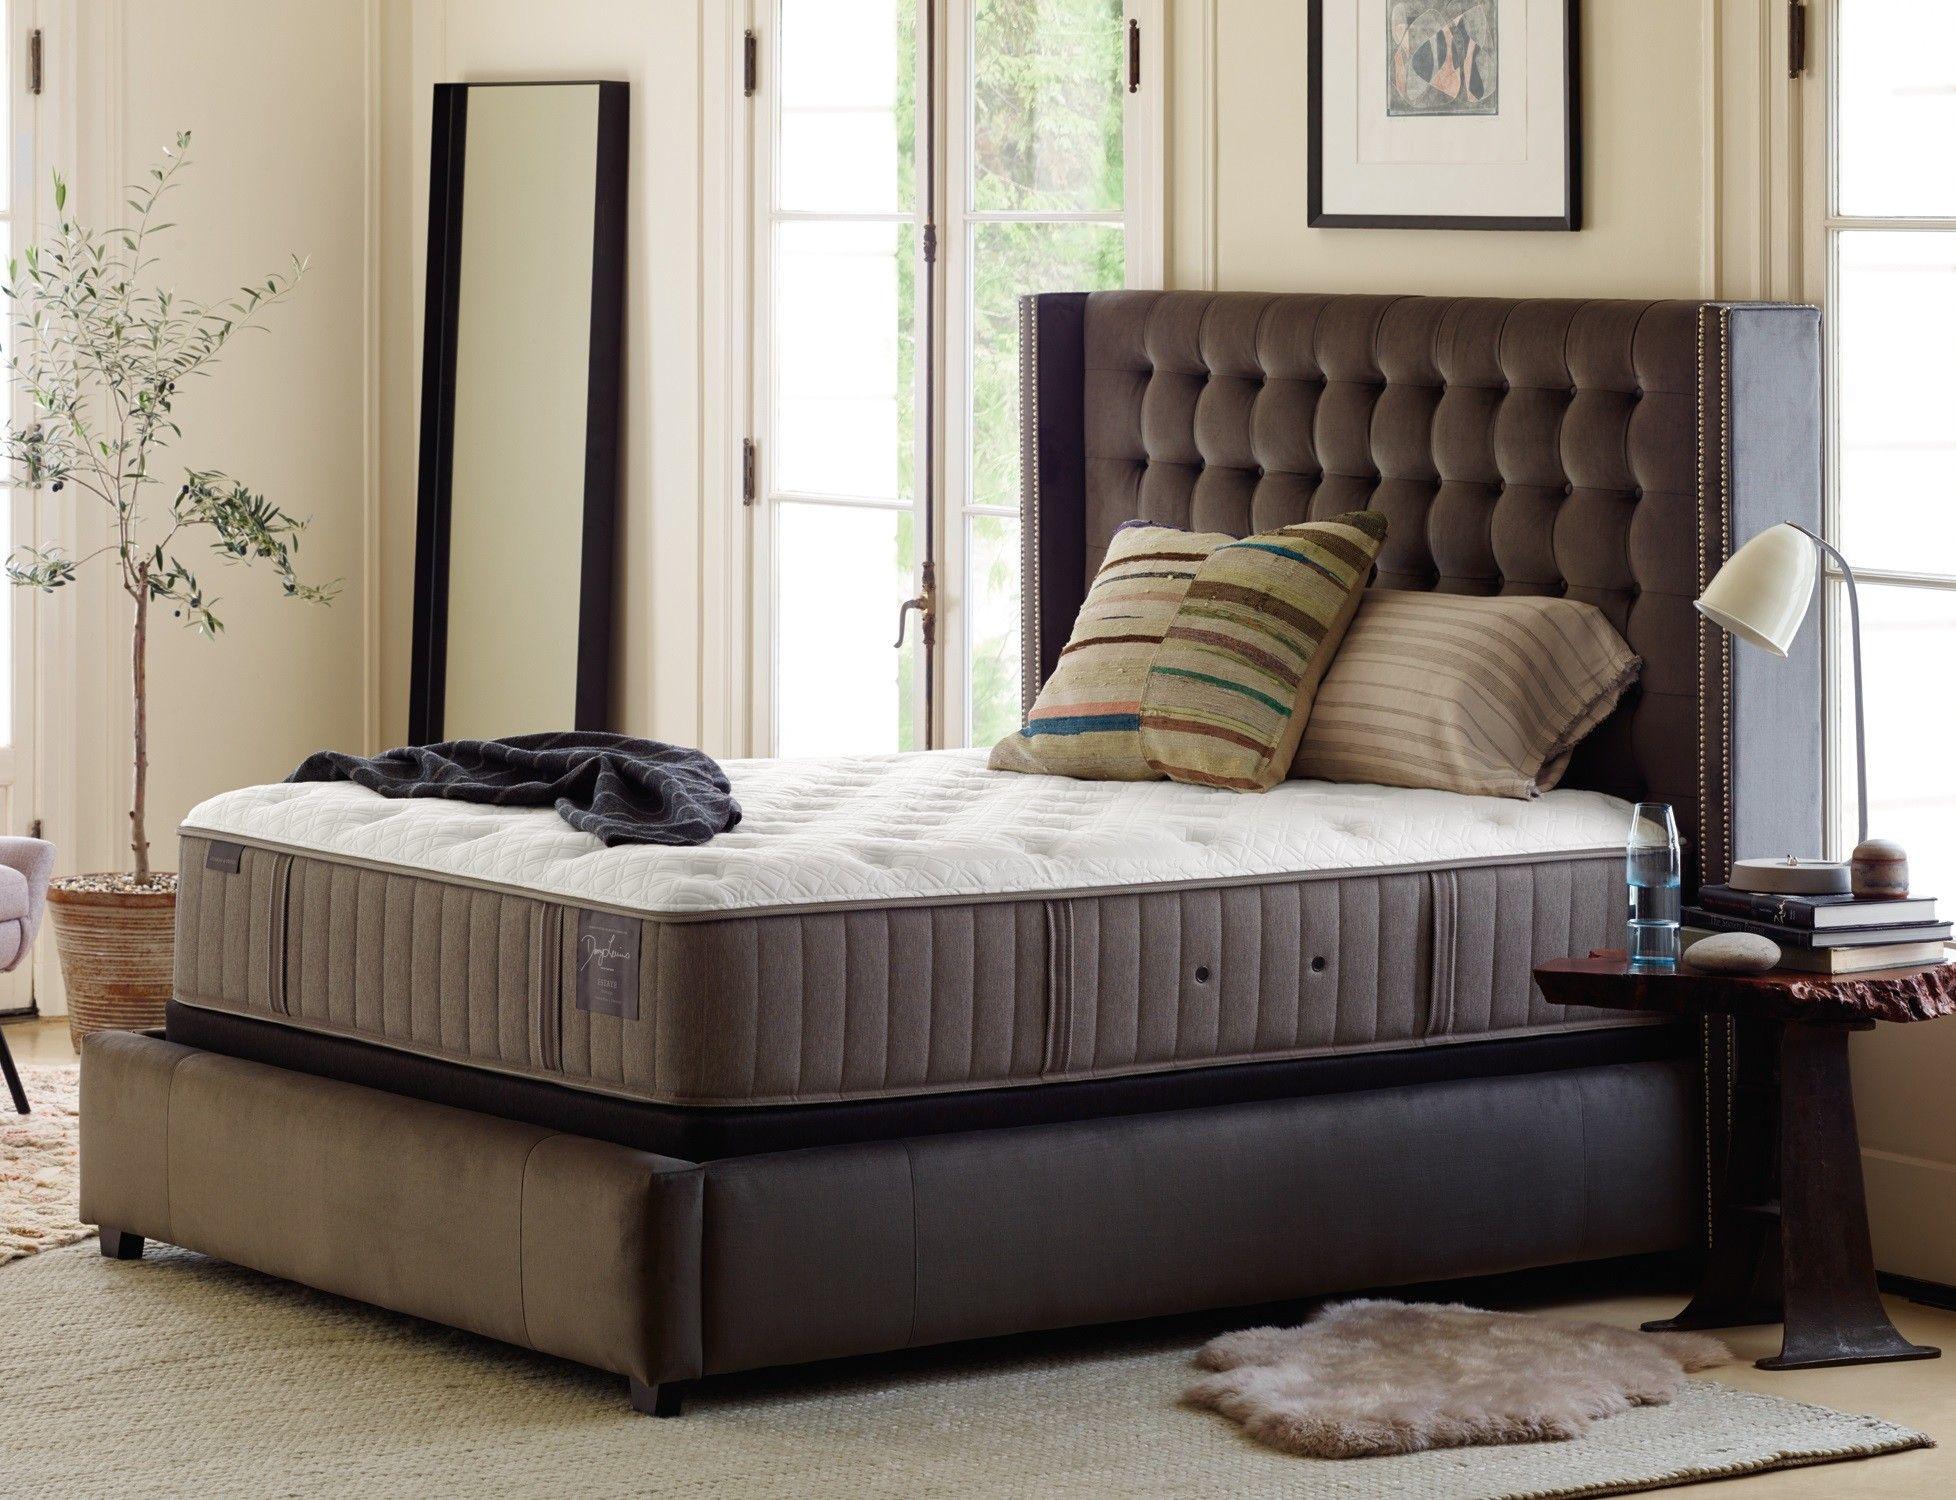 Estate 14 Firm Gel Memory Foam Mattress #pillowtopmattress